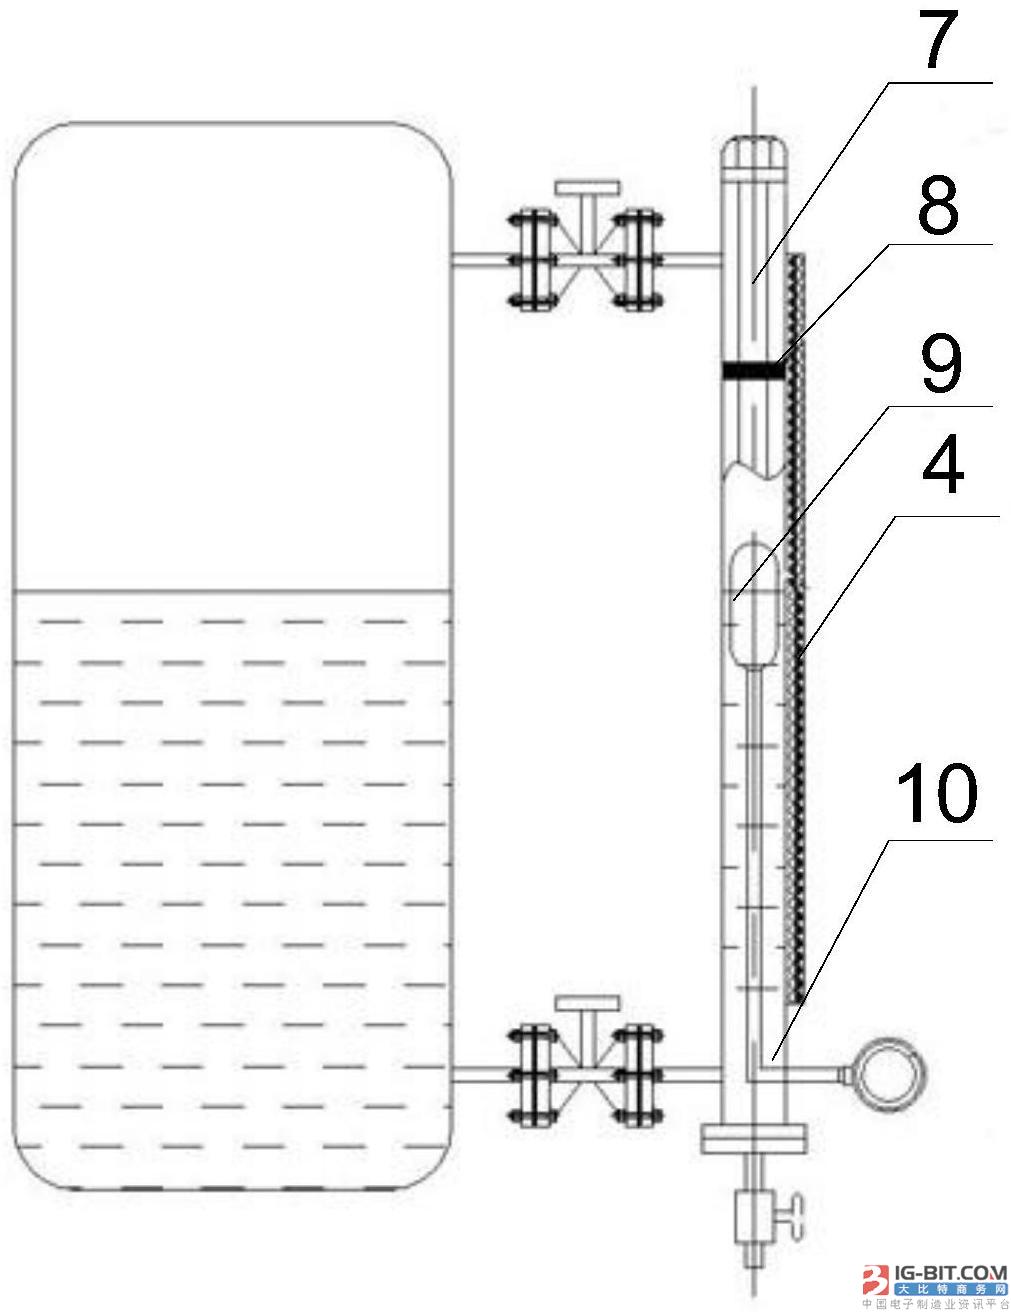 【仪表专利】一种磁性浮子液位计